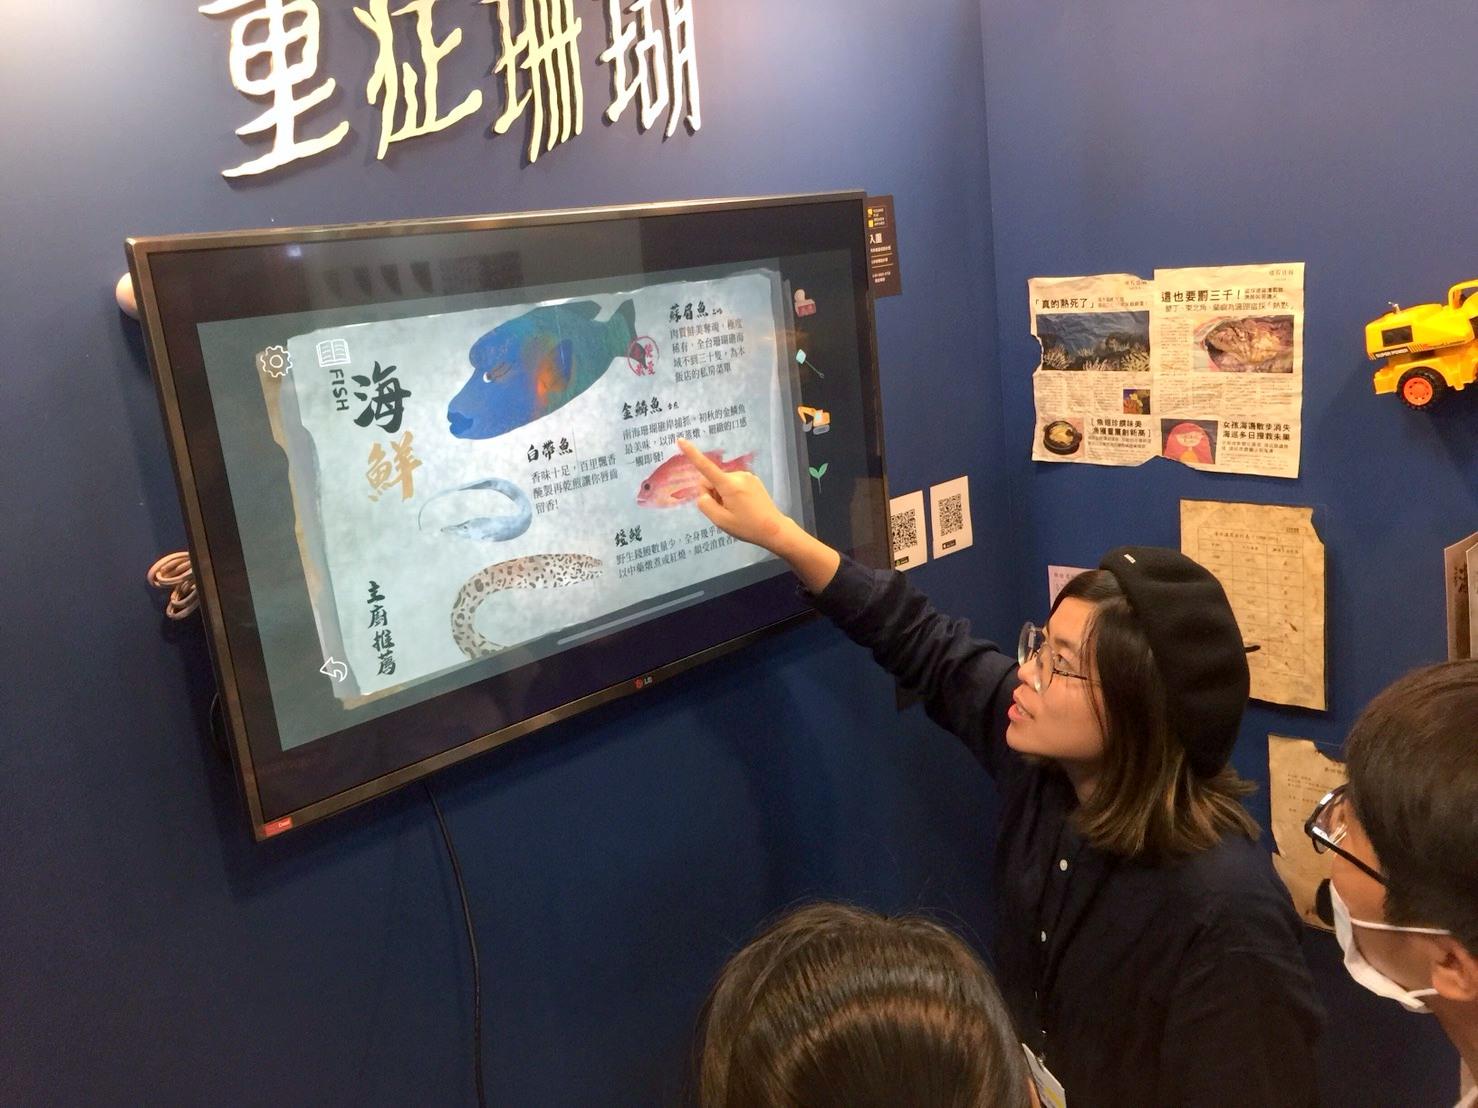 「重症珊瑚」手遊作品以懸疑手法帶領玩家瞭解台灣珊瑚消失的始末原因.jpg